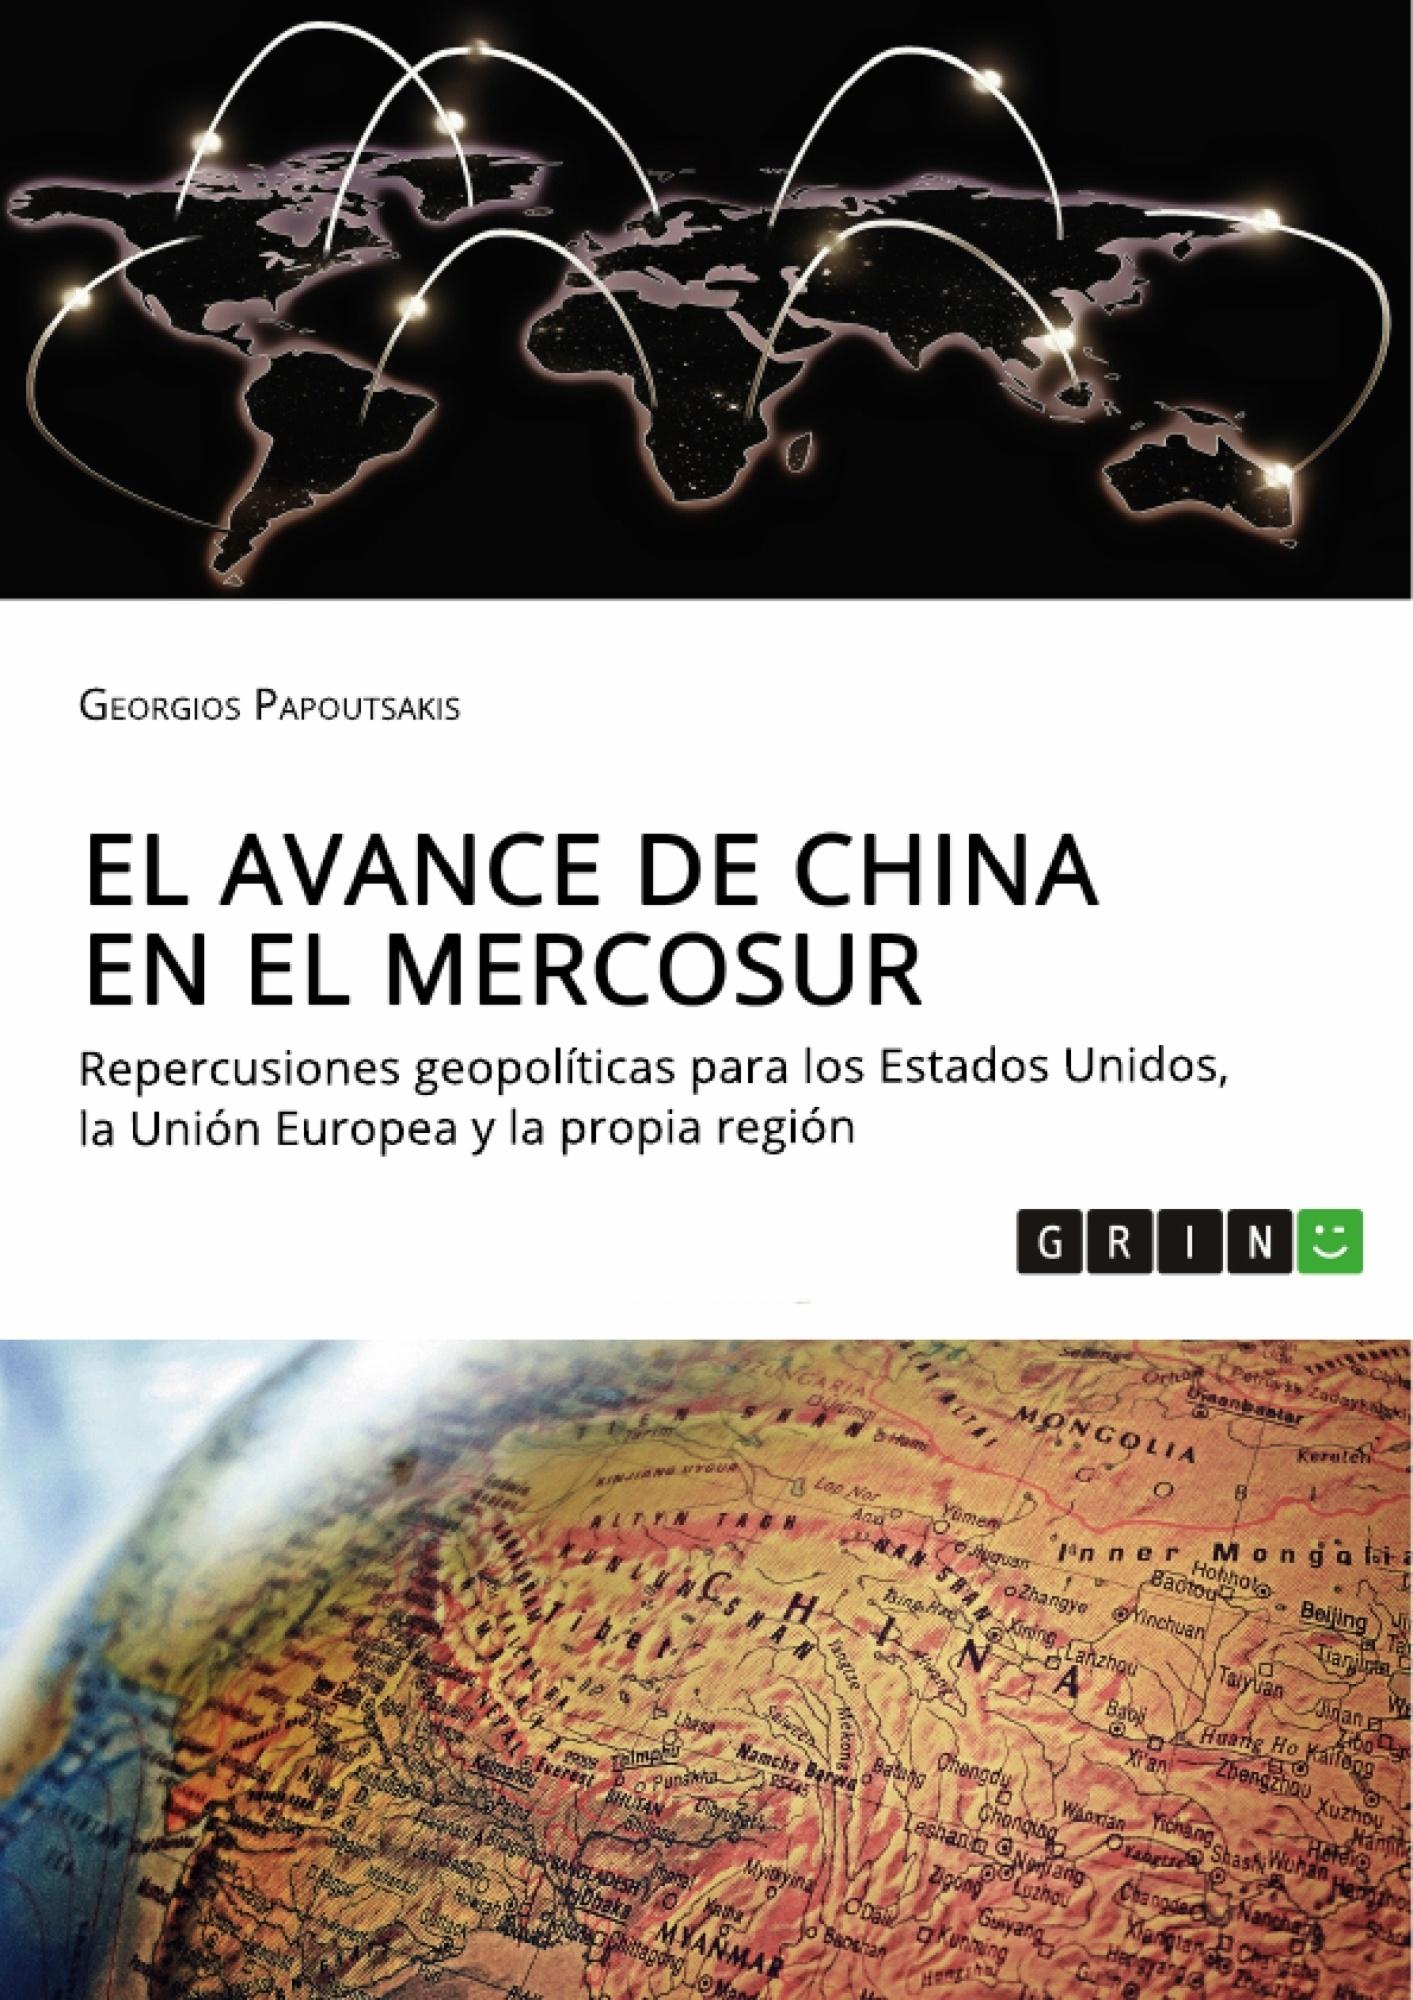 Título: El avance de China en el MERCOSUR. Repercusiones geopolíticas para los Estados Unidos, la Unión Europea y la propia región